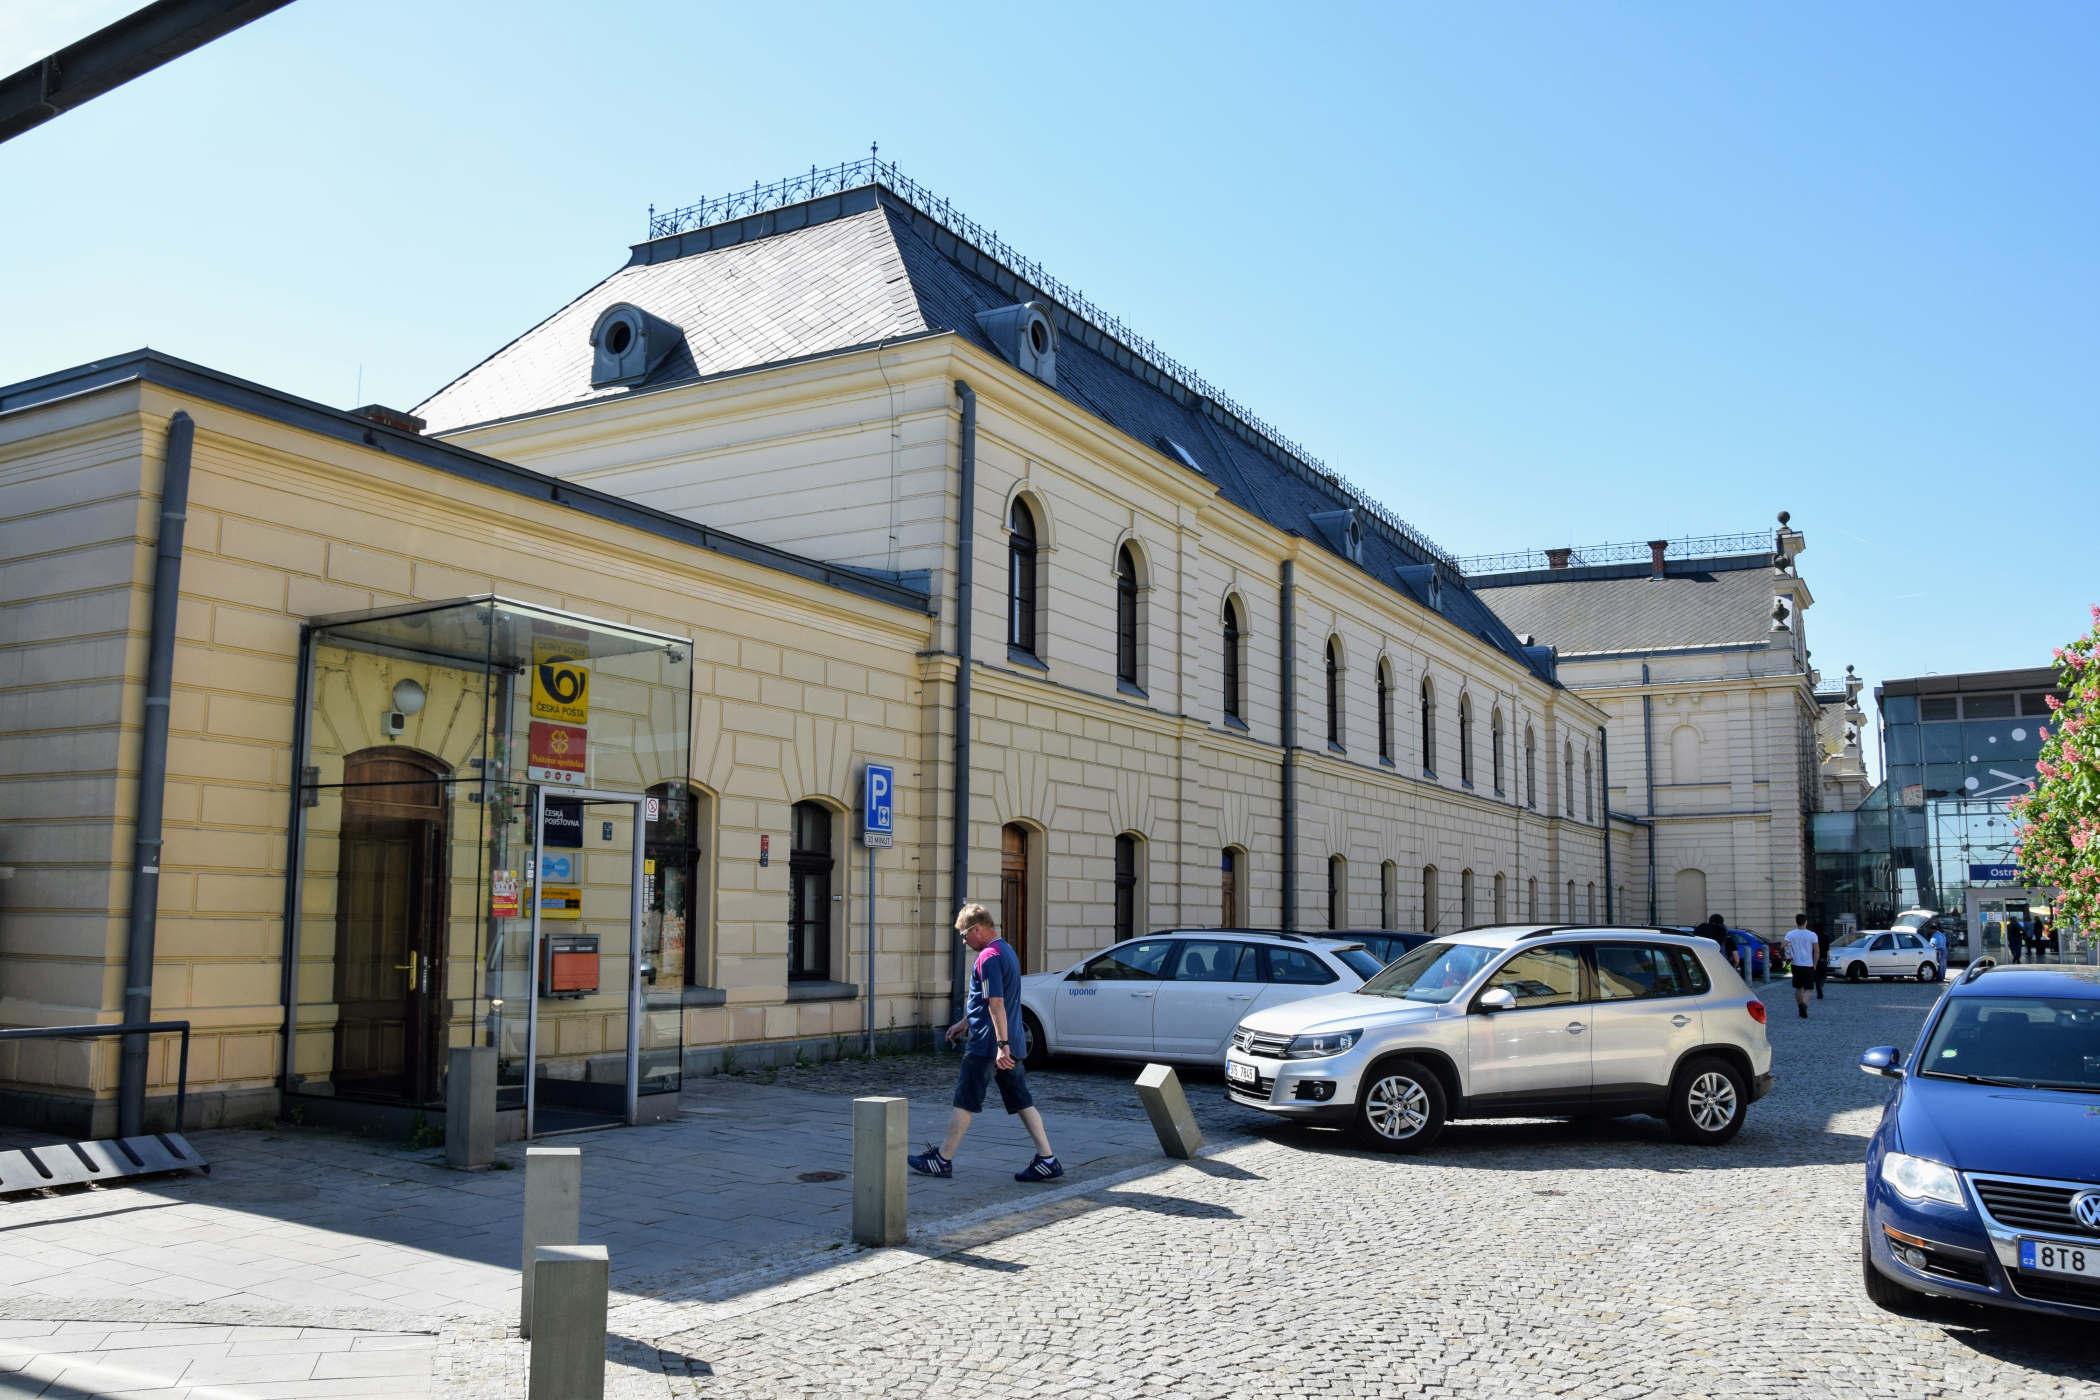 Původní výpravní budova nádraží Ostrava-Svinov, dnes zázemí pro provoz dráhy